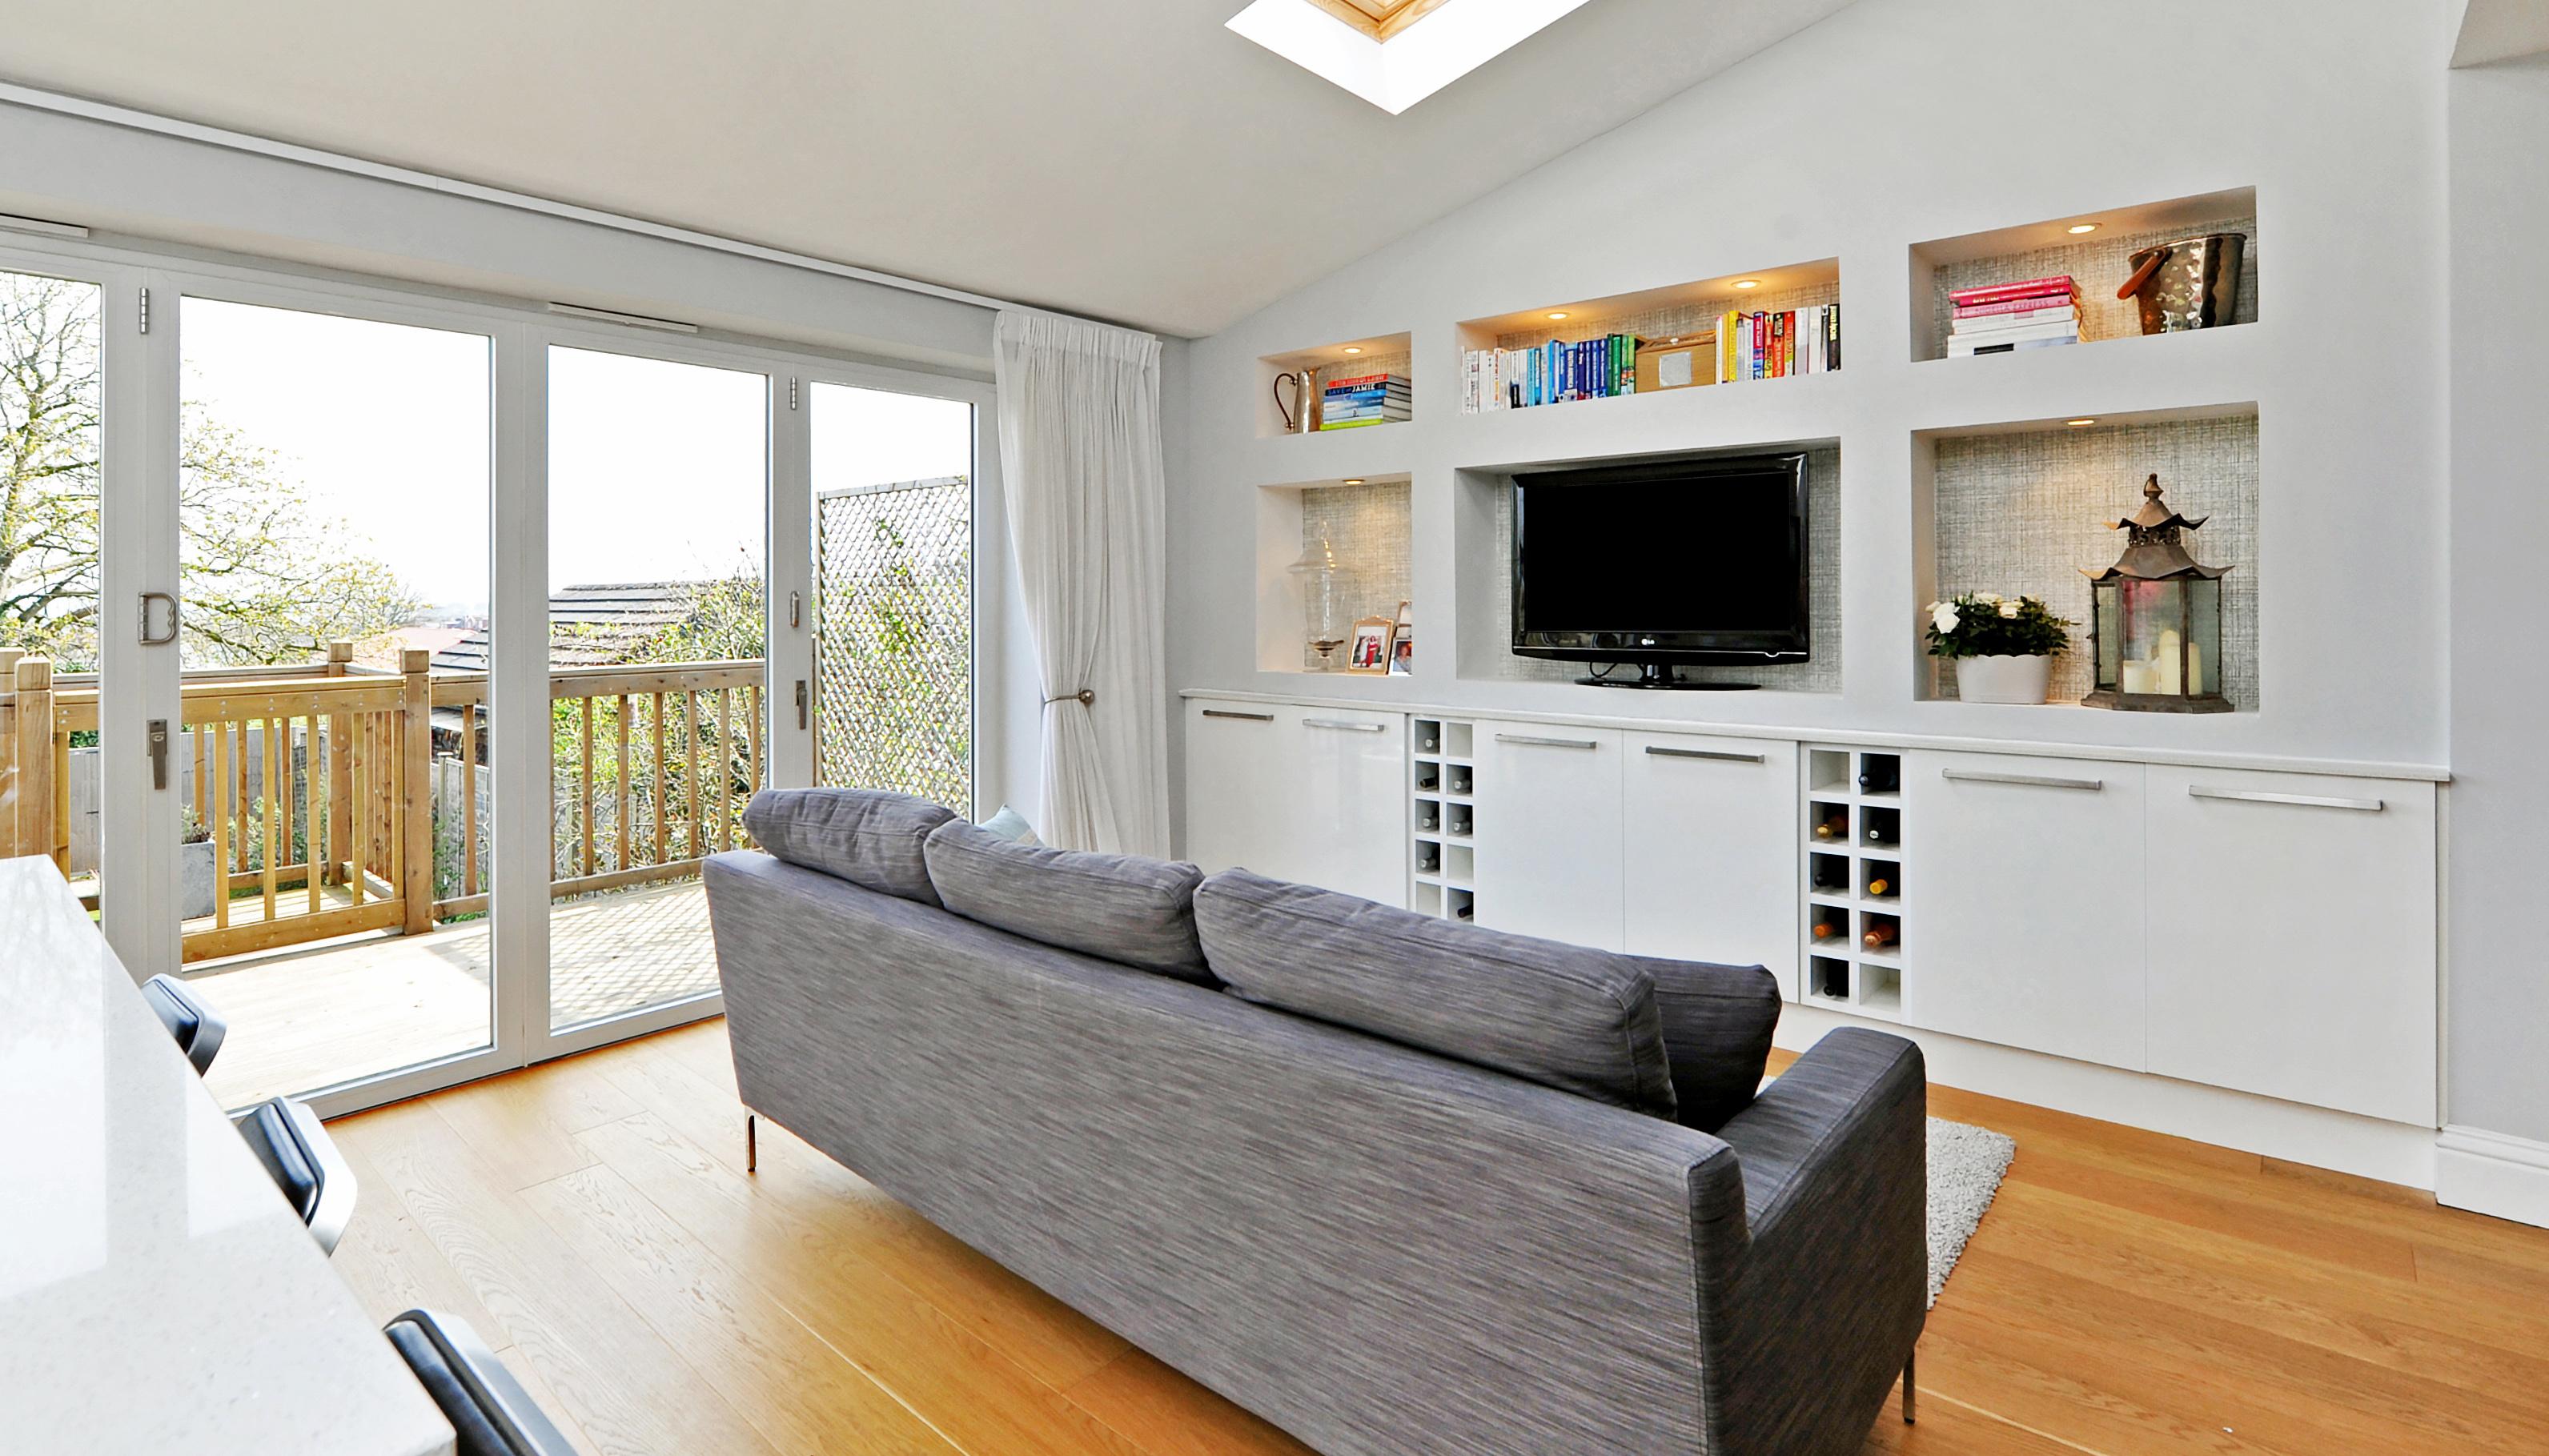 Bristol Family Home Interior Design Project   Interior Design U0026 Room Design  Services By Margi Rose